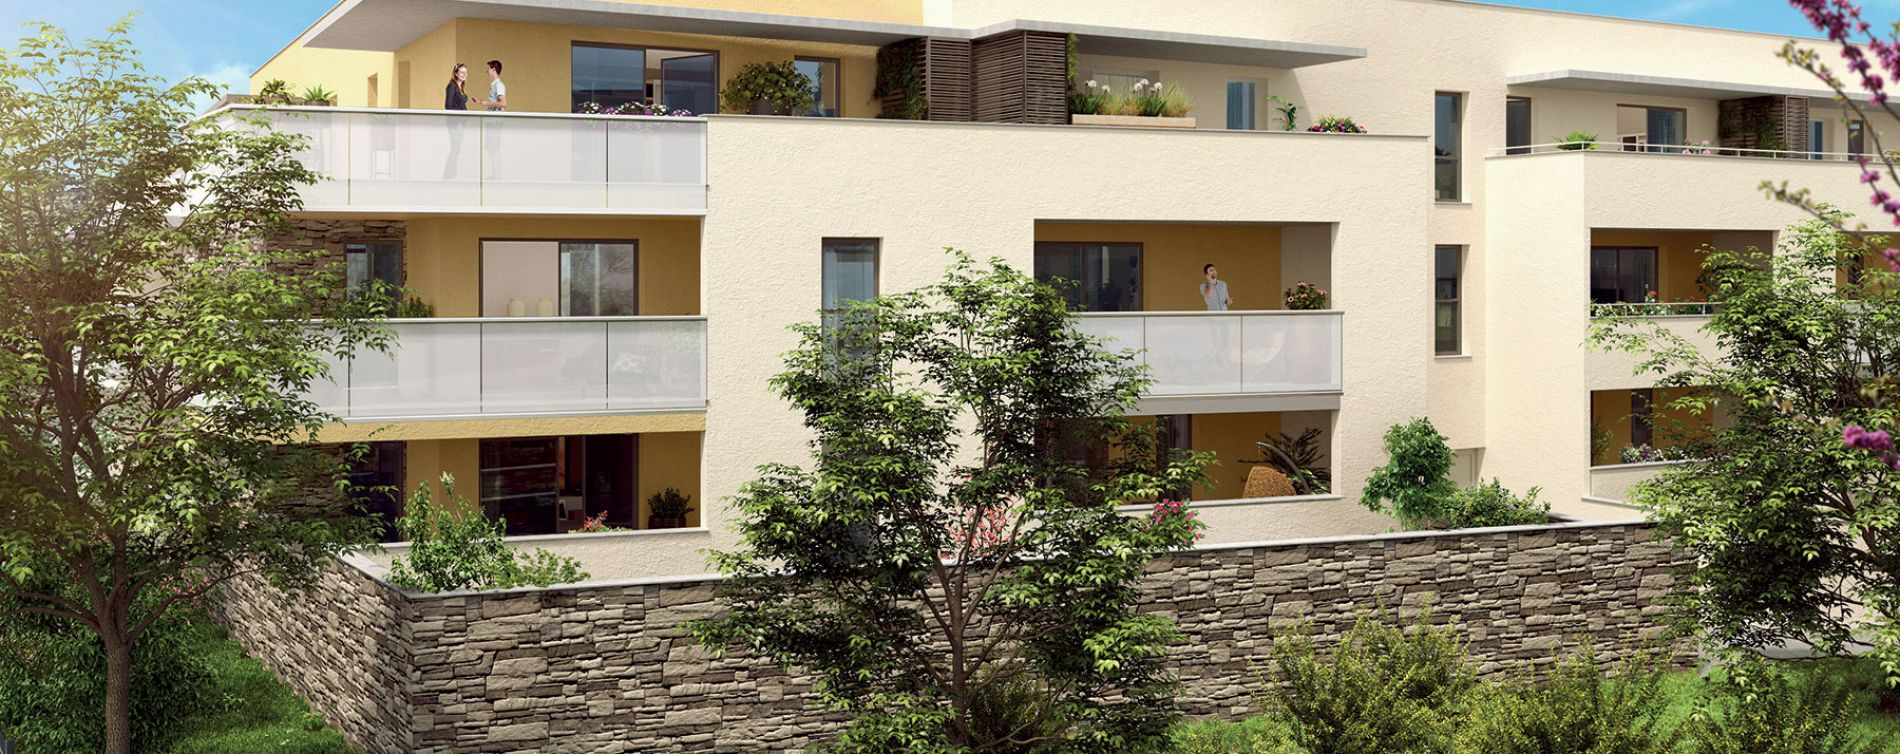 Villeneuve-lès-Maguelone : programme immobilier neuve « Marysol » (2)